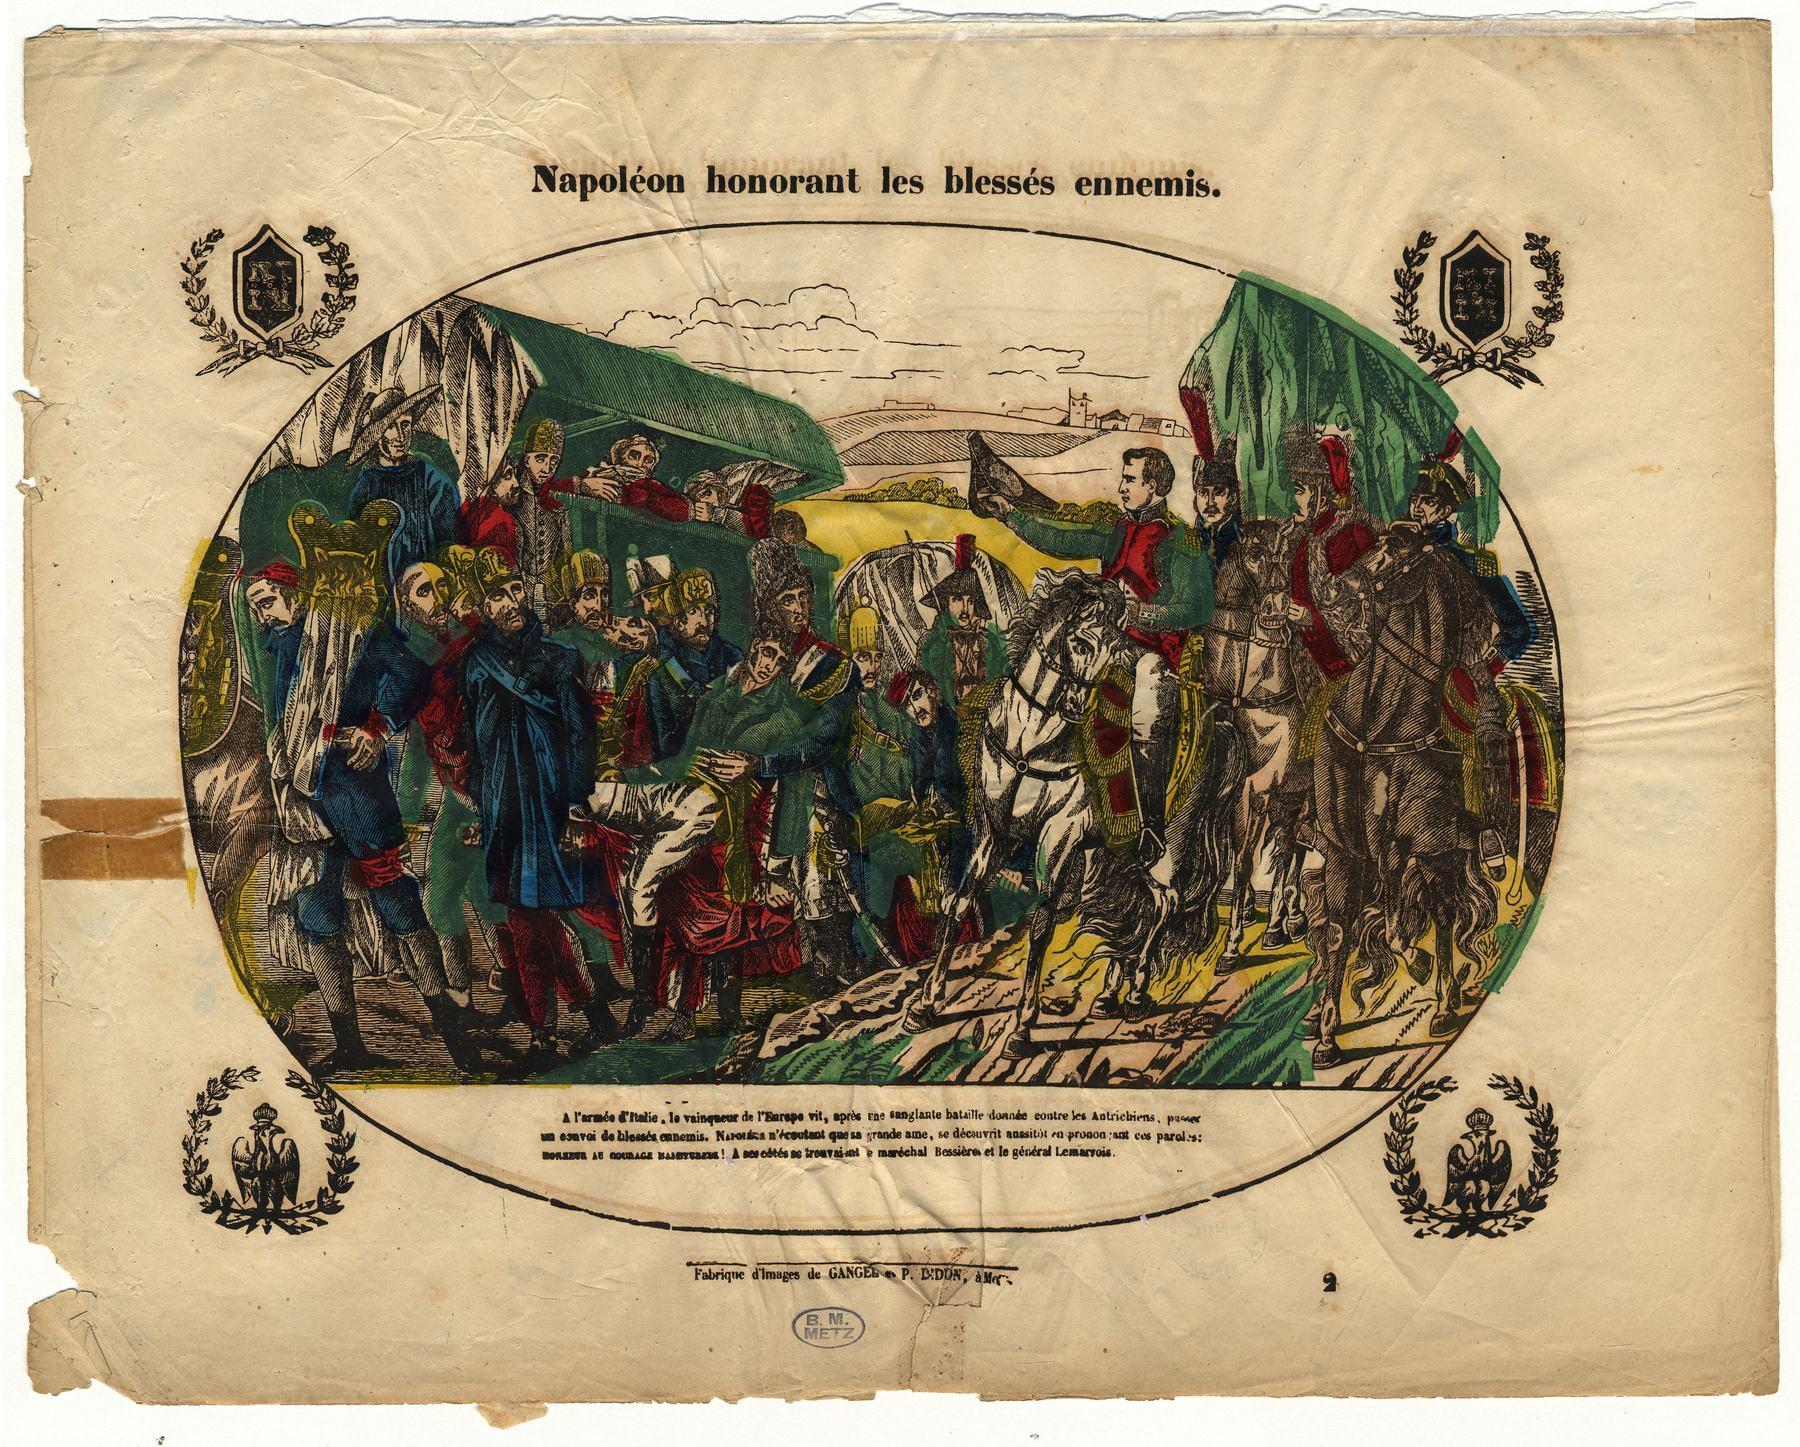 Contenu du Napoléon honorant les blessés ennemis